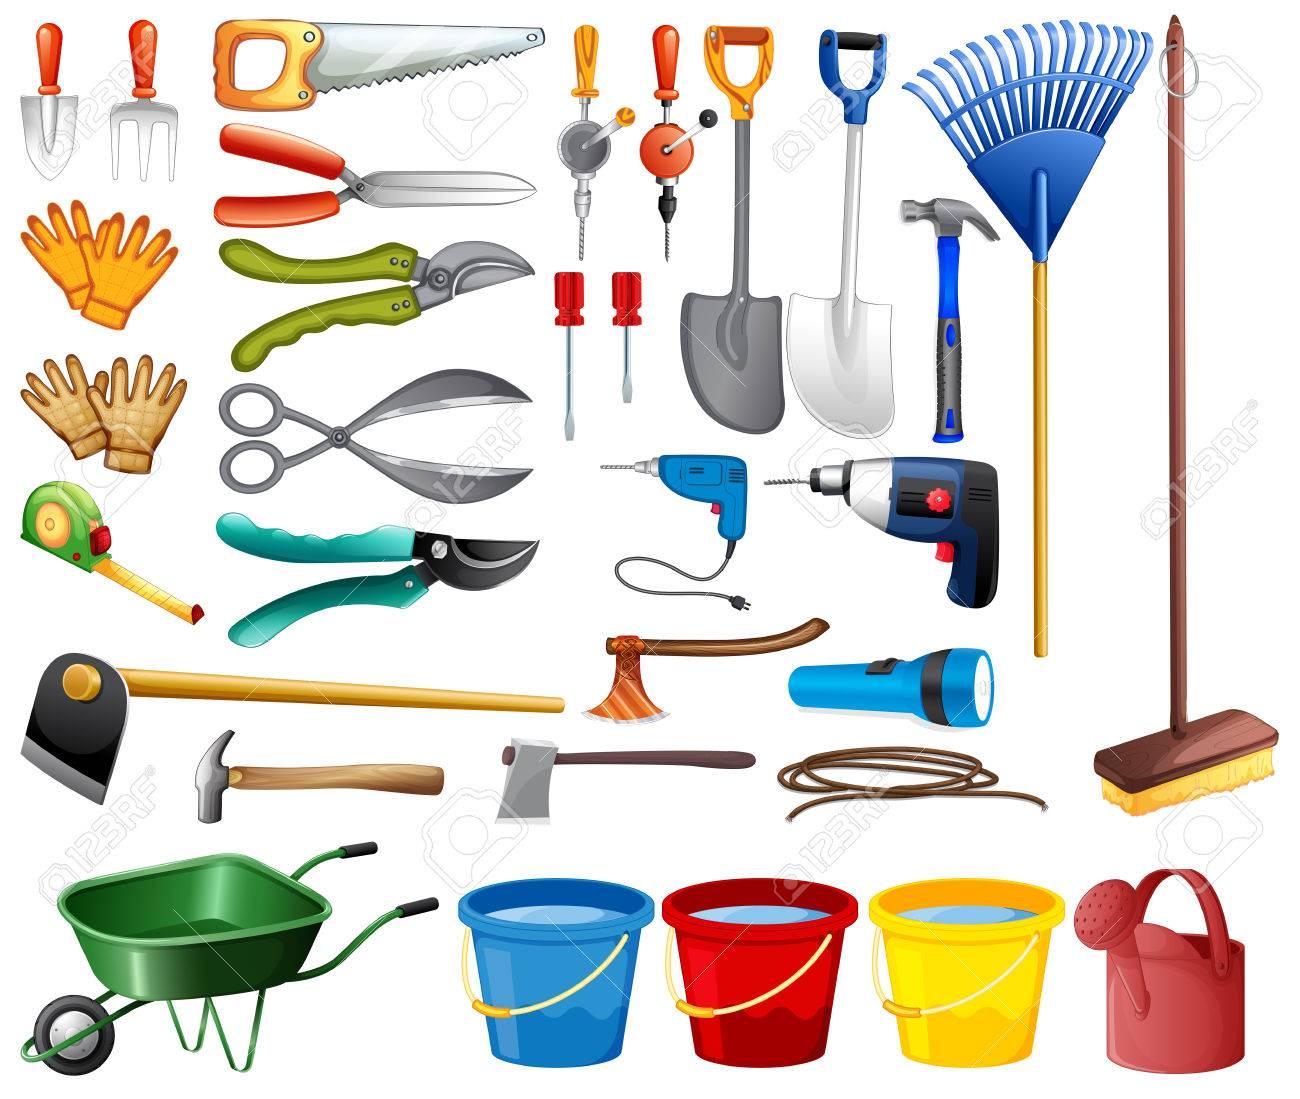 Tool clipart herramientas. Tools x free clip